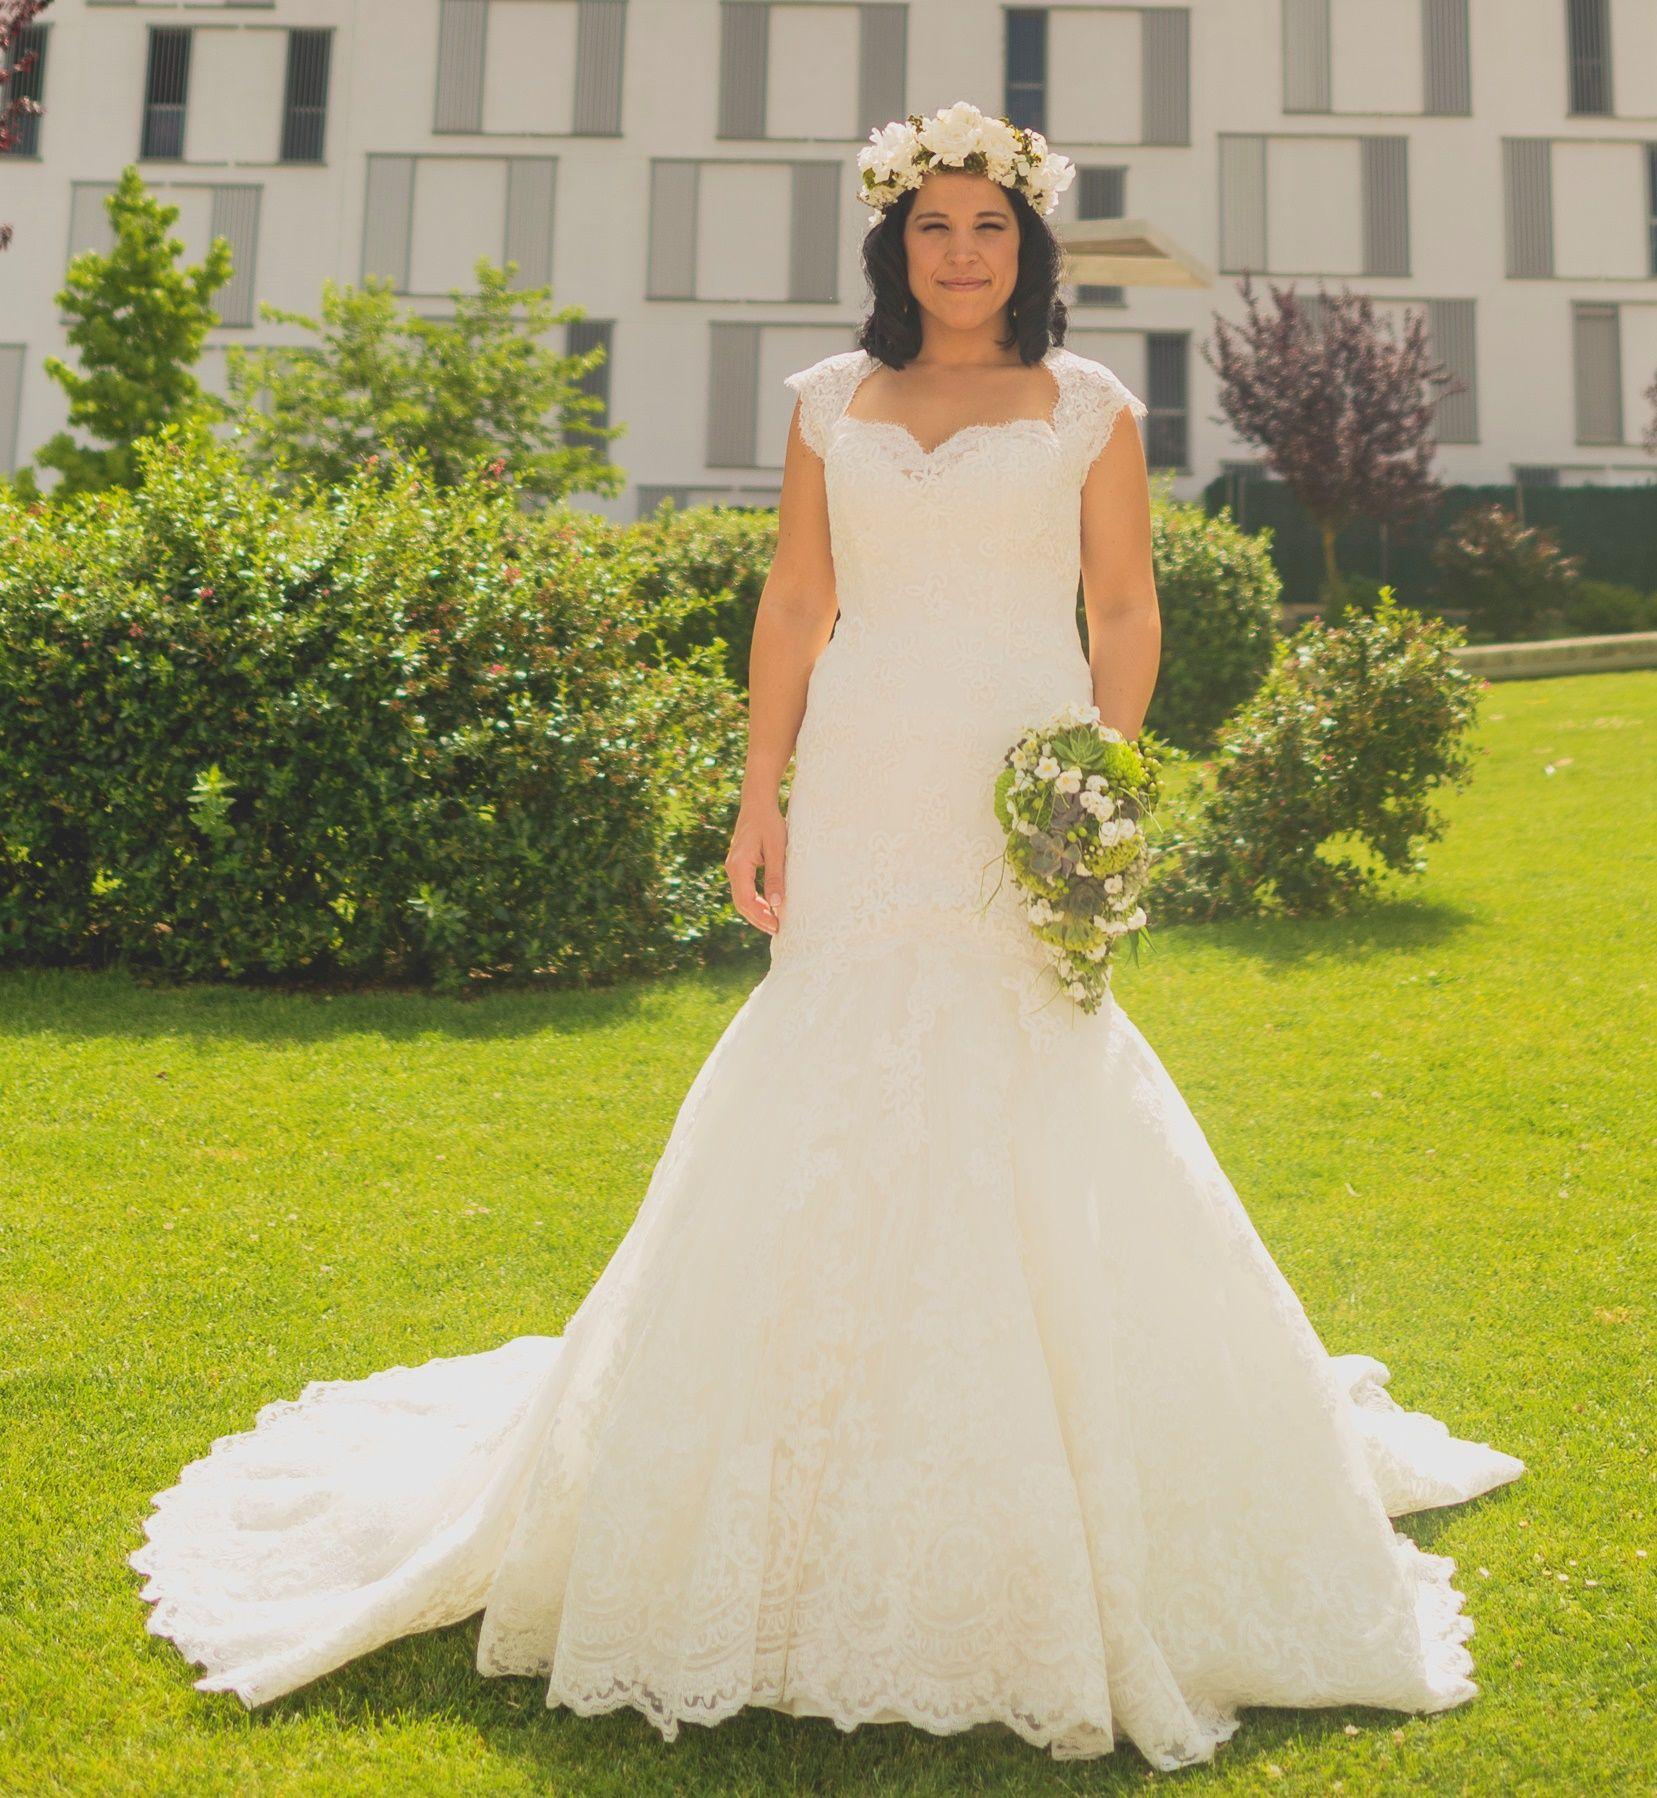 ¡Nuevo vestido publicado!  Letha Pronovias 2014 ¡por sólo 900€! ¡Ahorra un 54%!   http://www.weddalia.com/es/tienda-vender-vestido-novia/letha-pronovias-2014/ #VestidosDeNovia vía www.weddalia.com/es